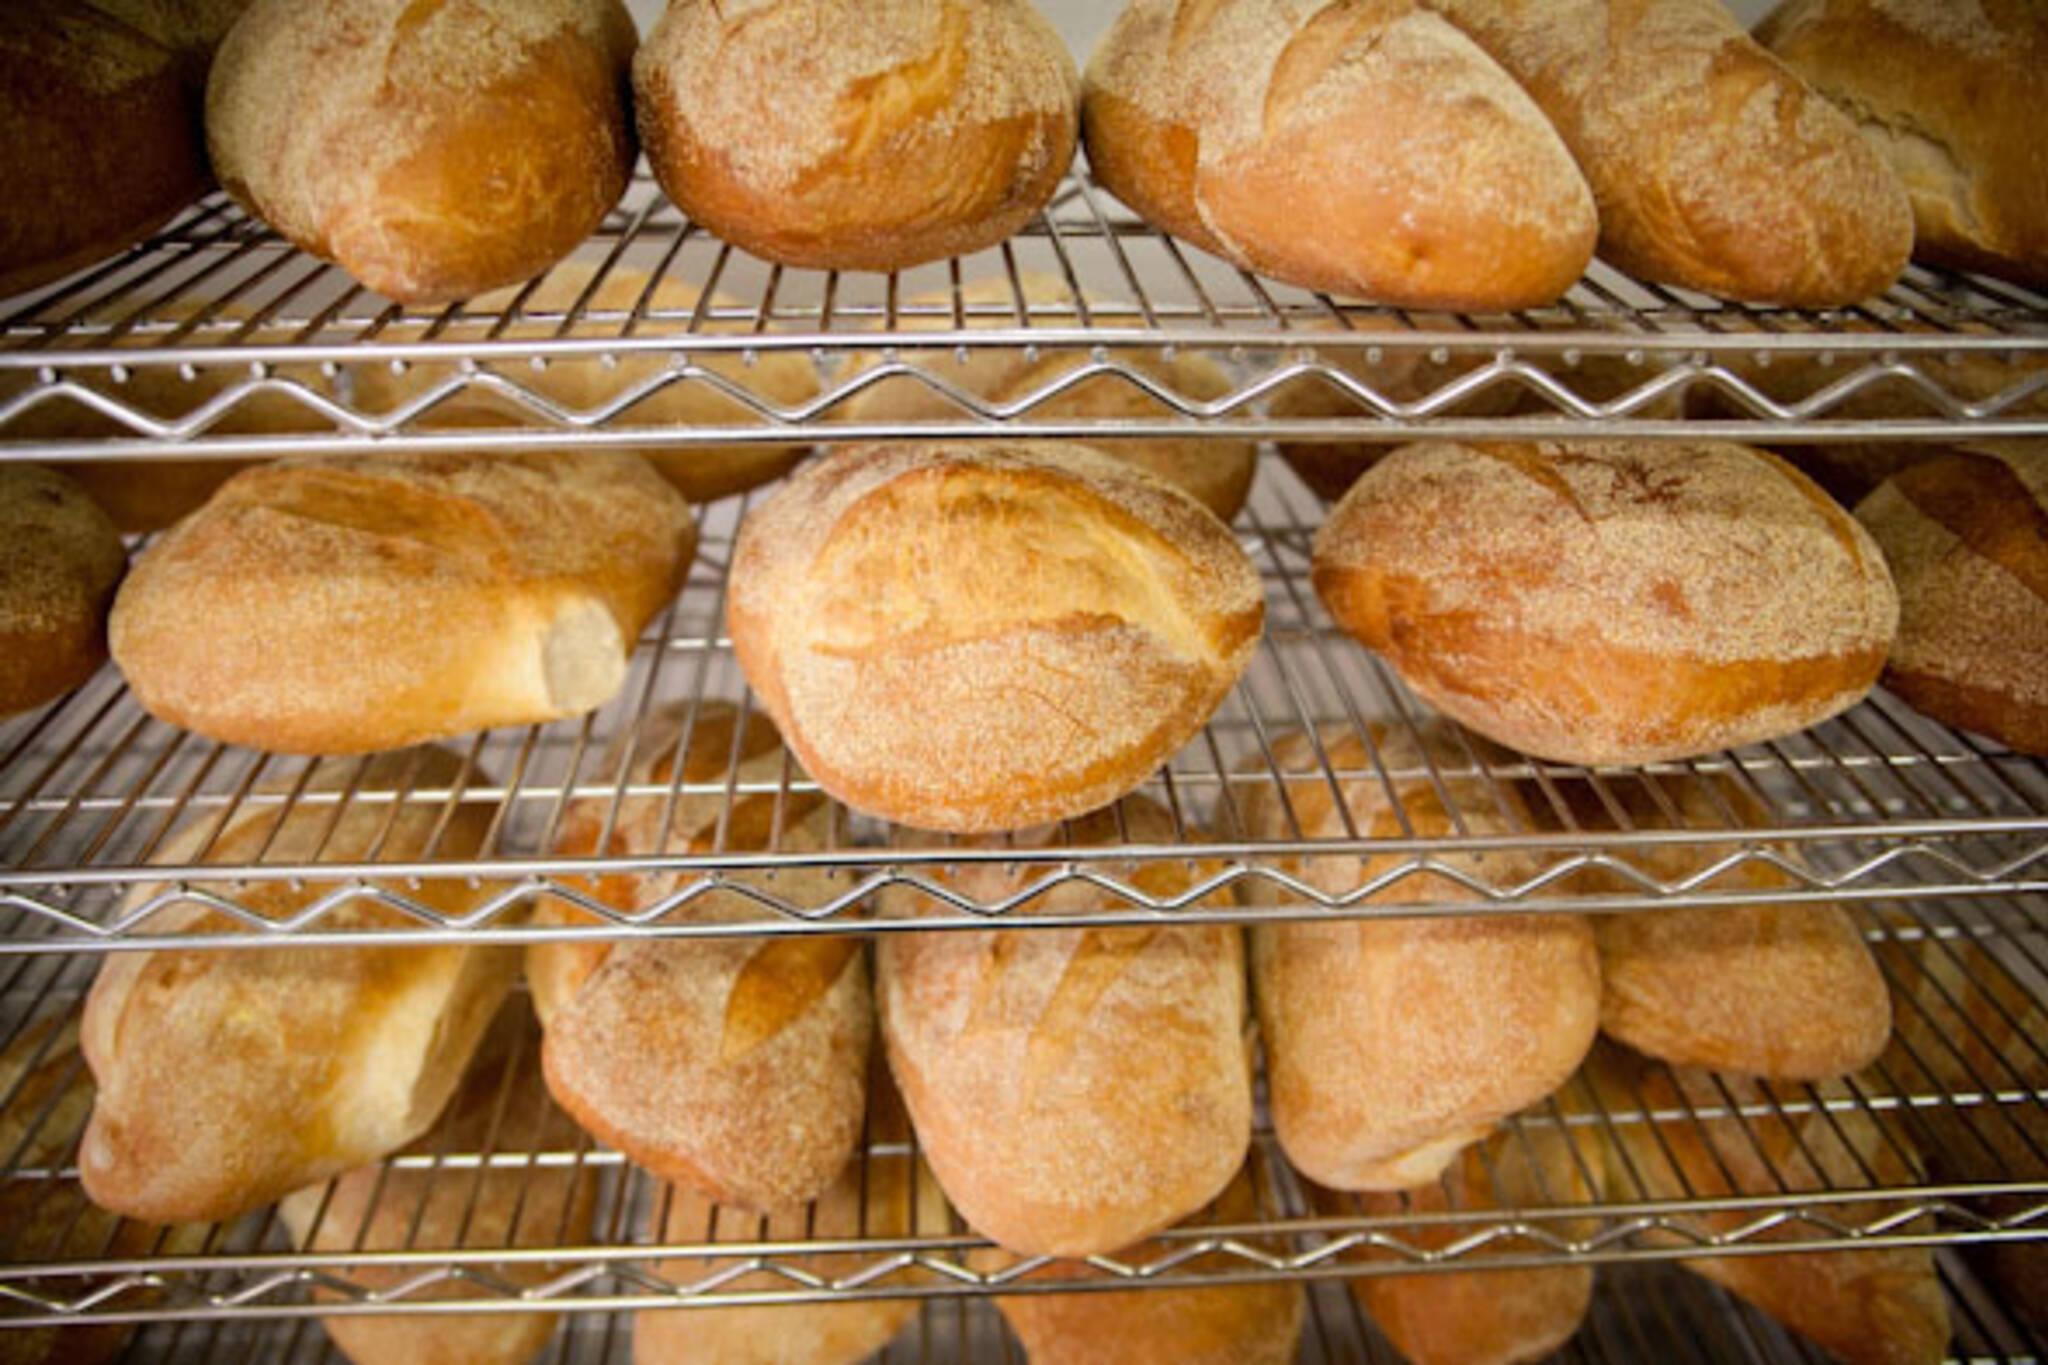 Messina Bakery